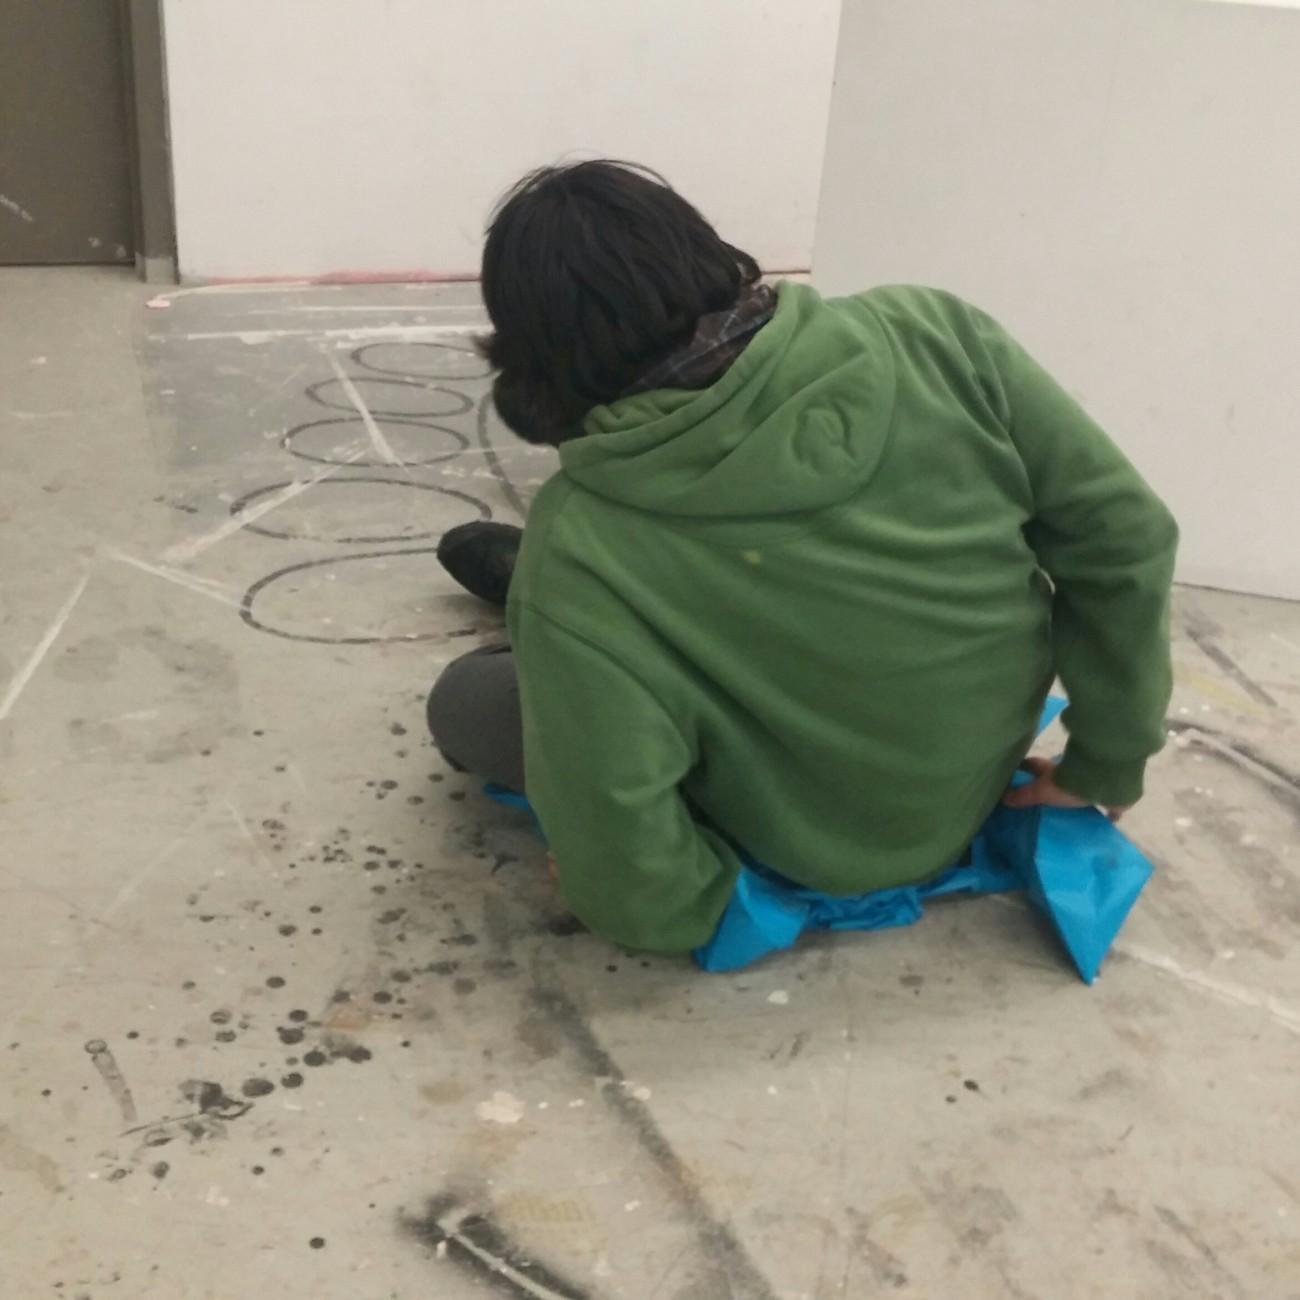 Steve Giasson. Performance invisible n° 74 (Détruire une œuvre d'art (ou Abuser discrètement d'un pouvoir).) Performeuse : Angel Ezequiel Lopez-Herrera. Crédit vidéographique : Jennessa St-Pierre. 7 avril 2016.